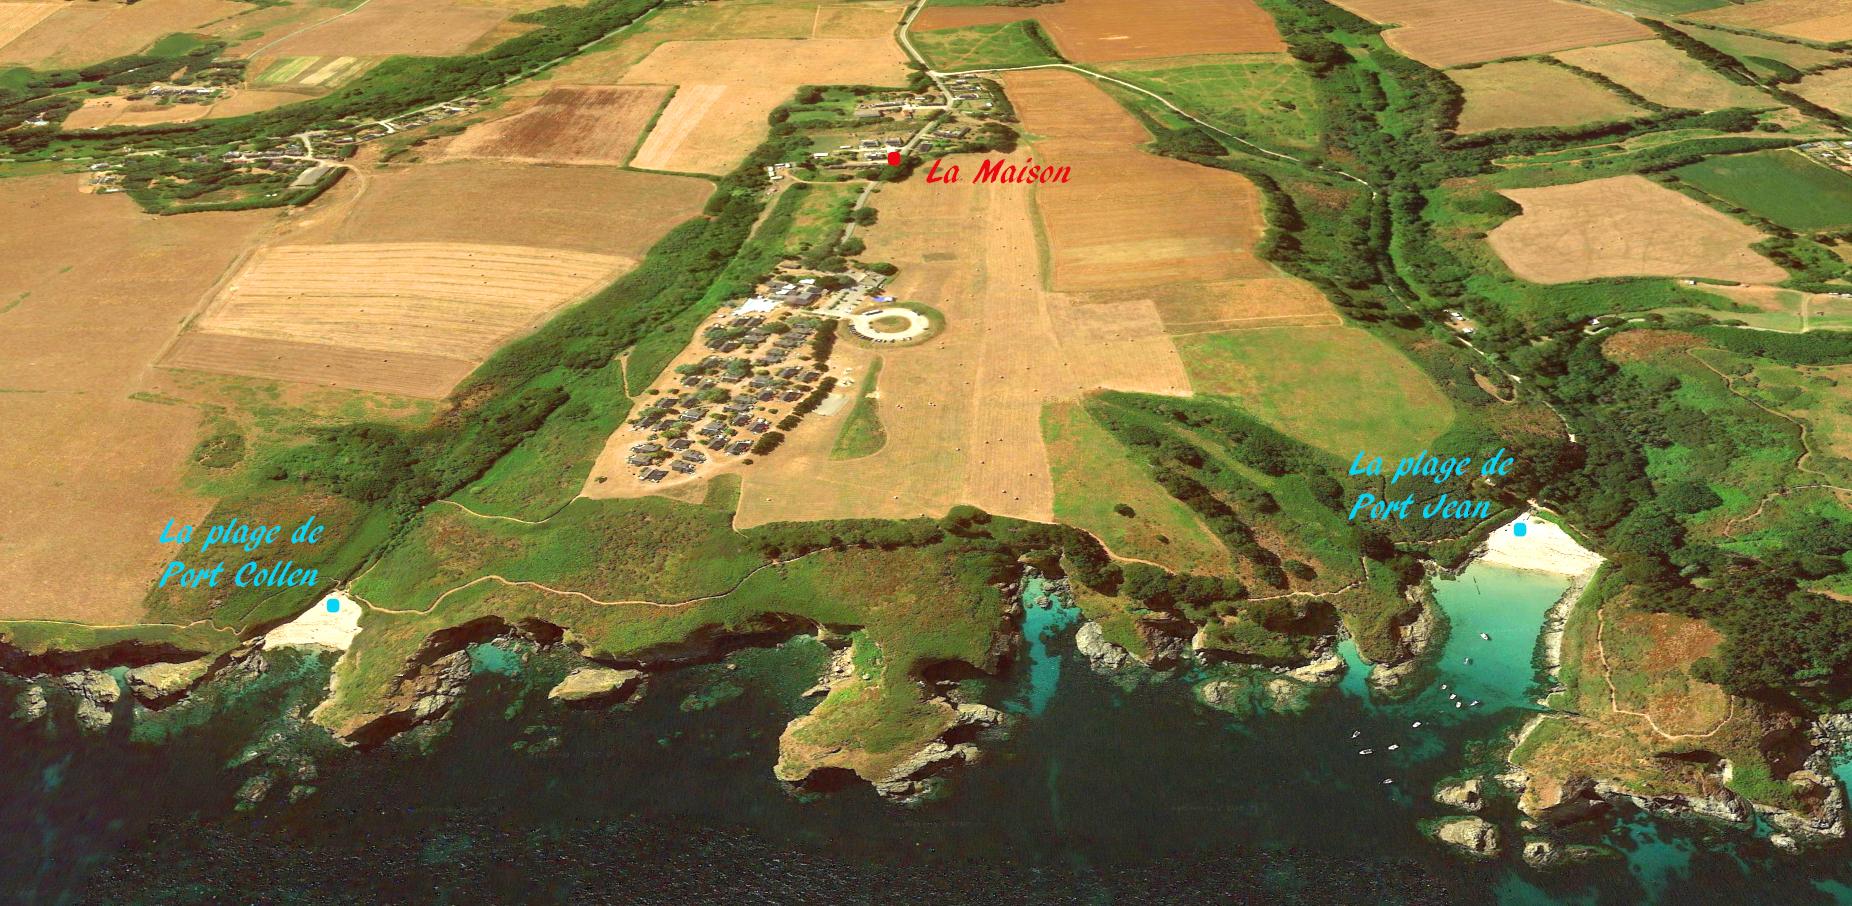 Vue Aerienne du Village d'Andrestol, de la maison, de la côte et des plages de Port Jean et Port Collen